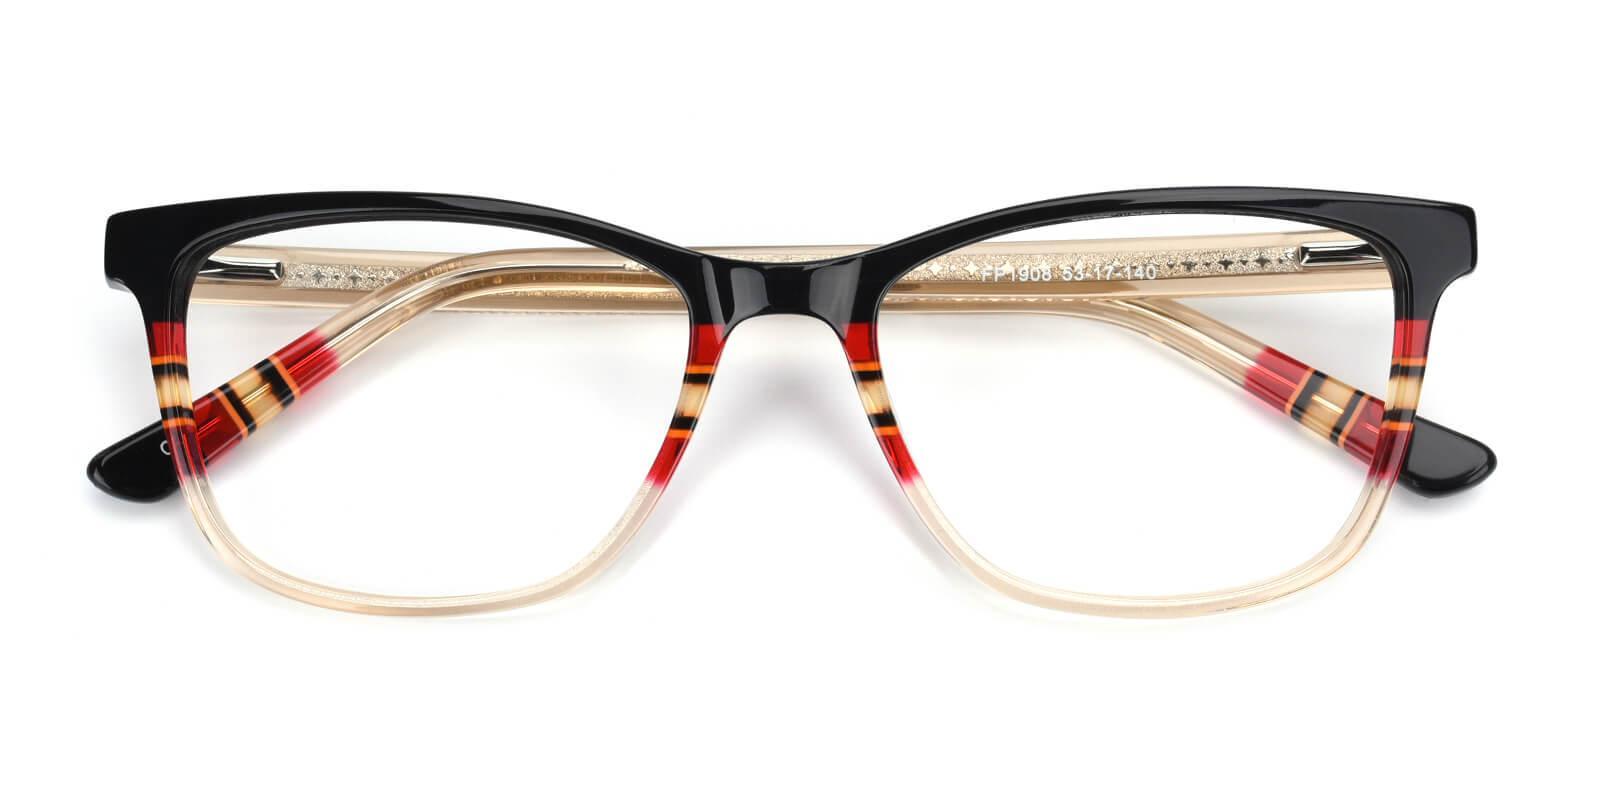 Selinda-Brown-Square / Cat-Acetate-Eyeglasses-detail